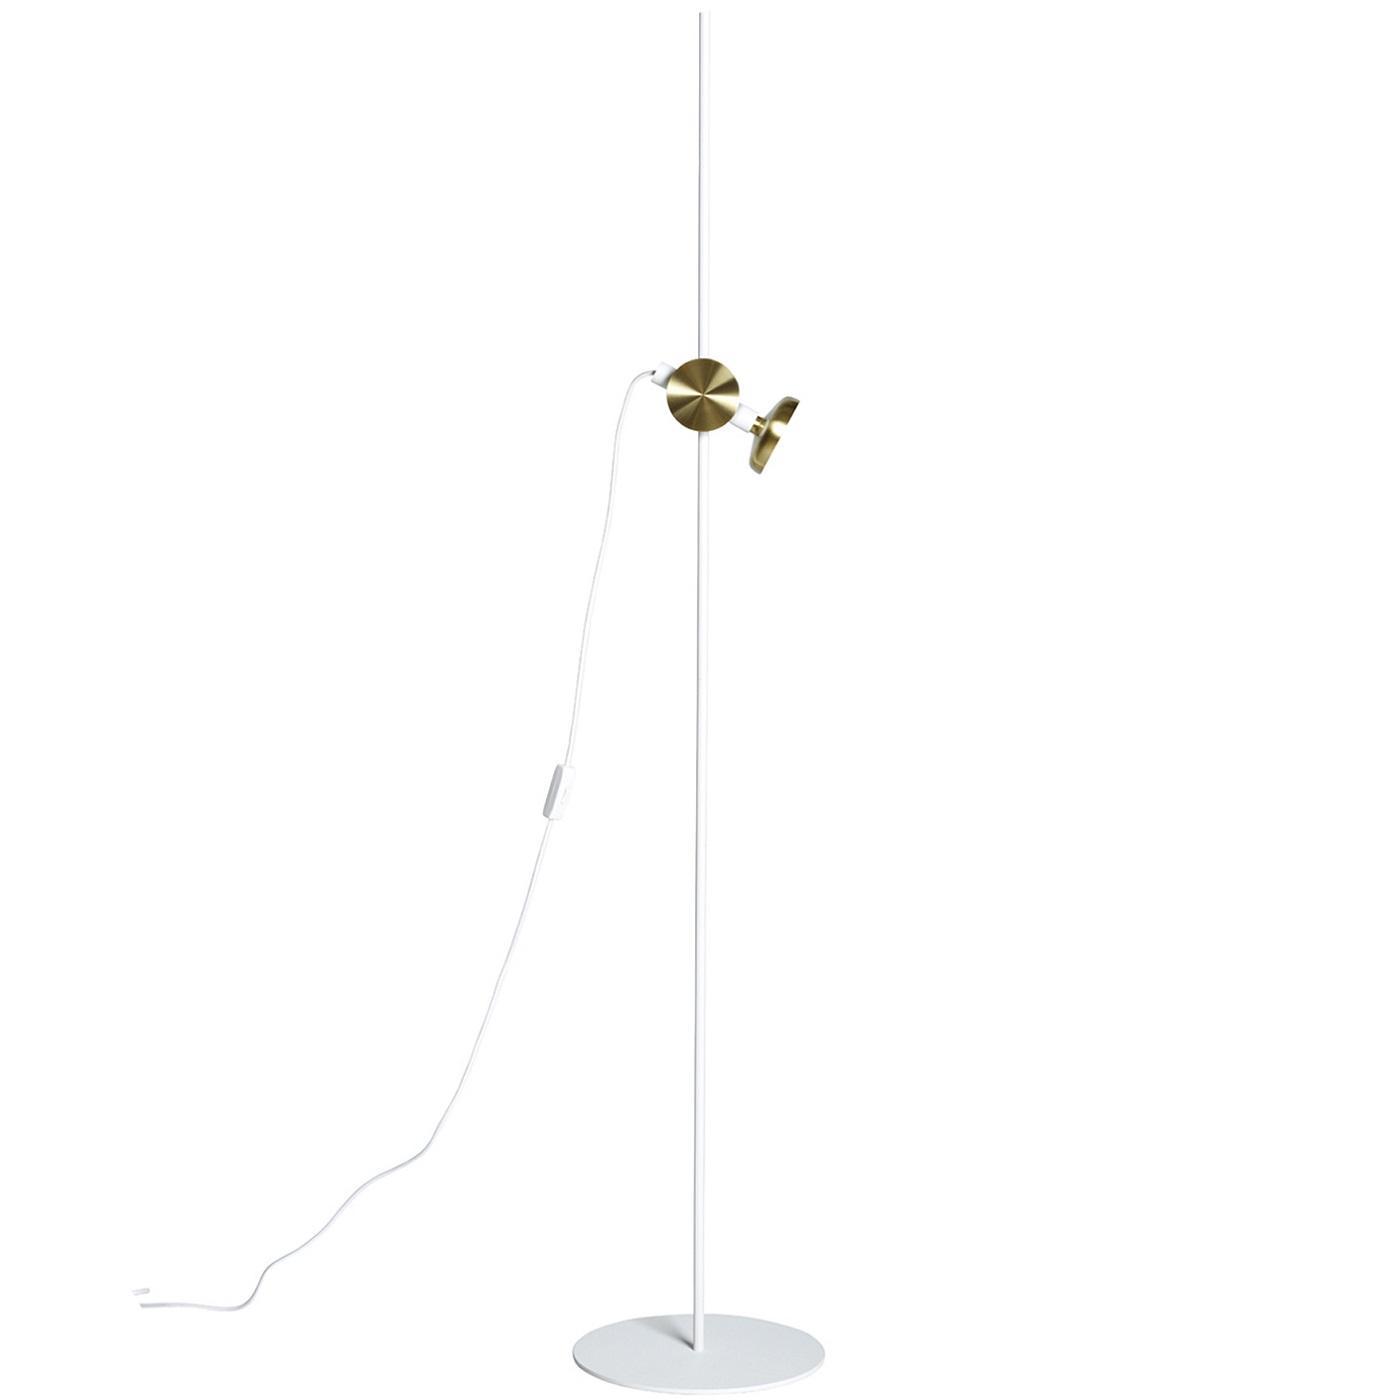 Levně Pholc designové stojací lampy Blend Floor